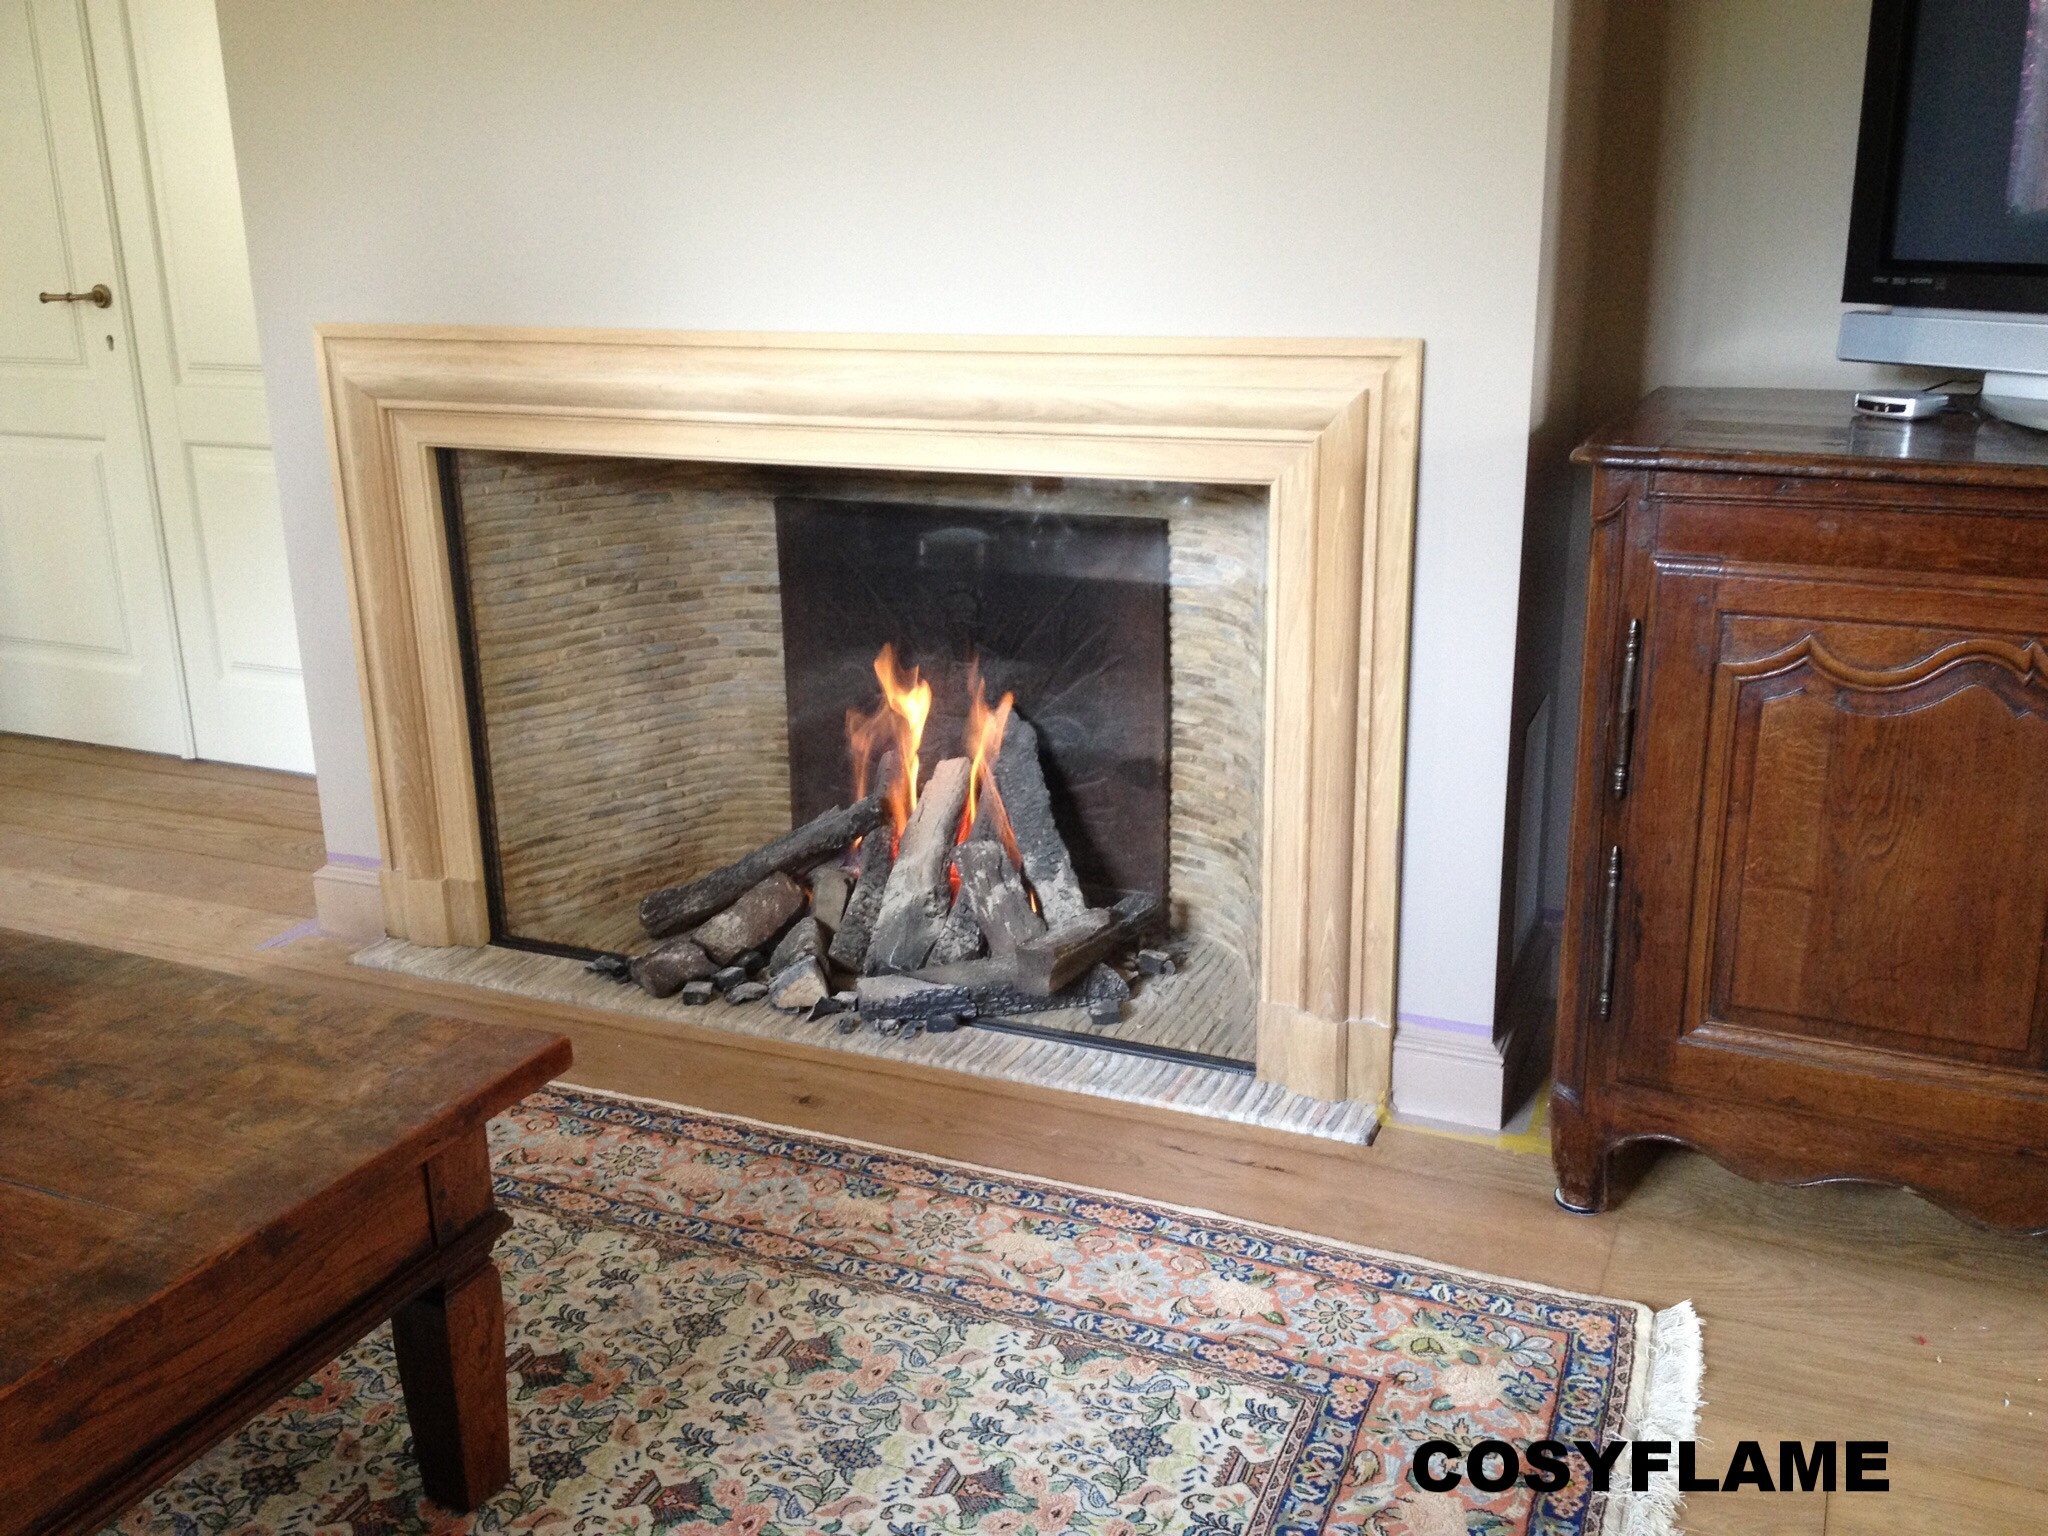 Cosyflame-Houten-schouw-file-44